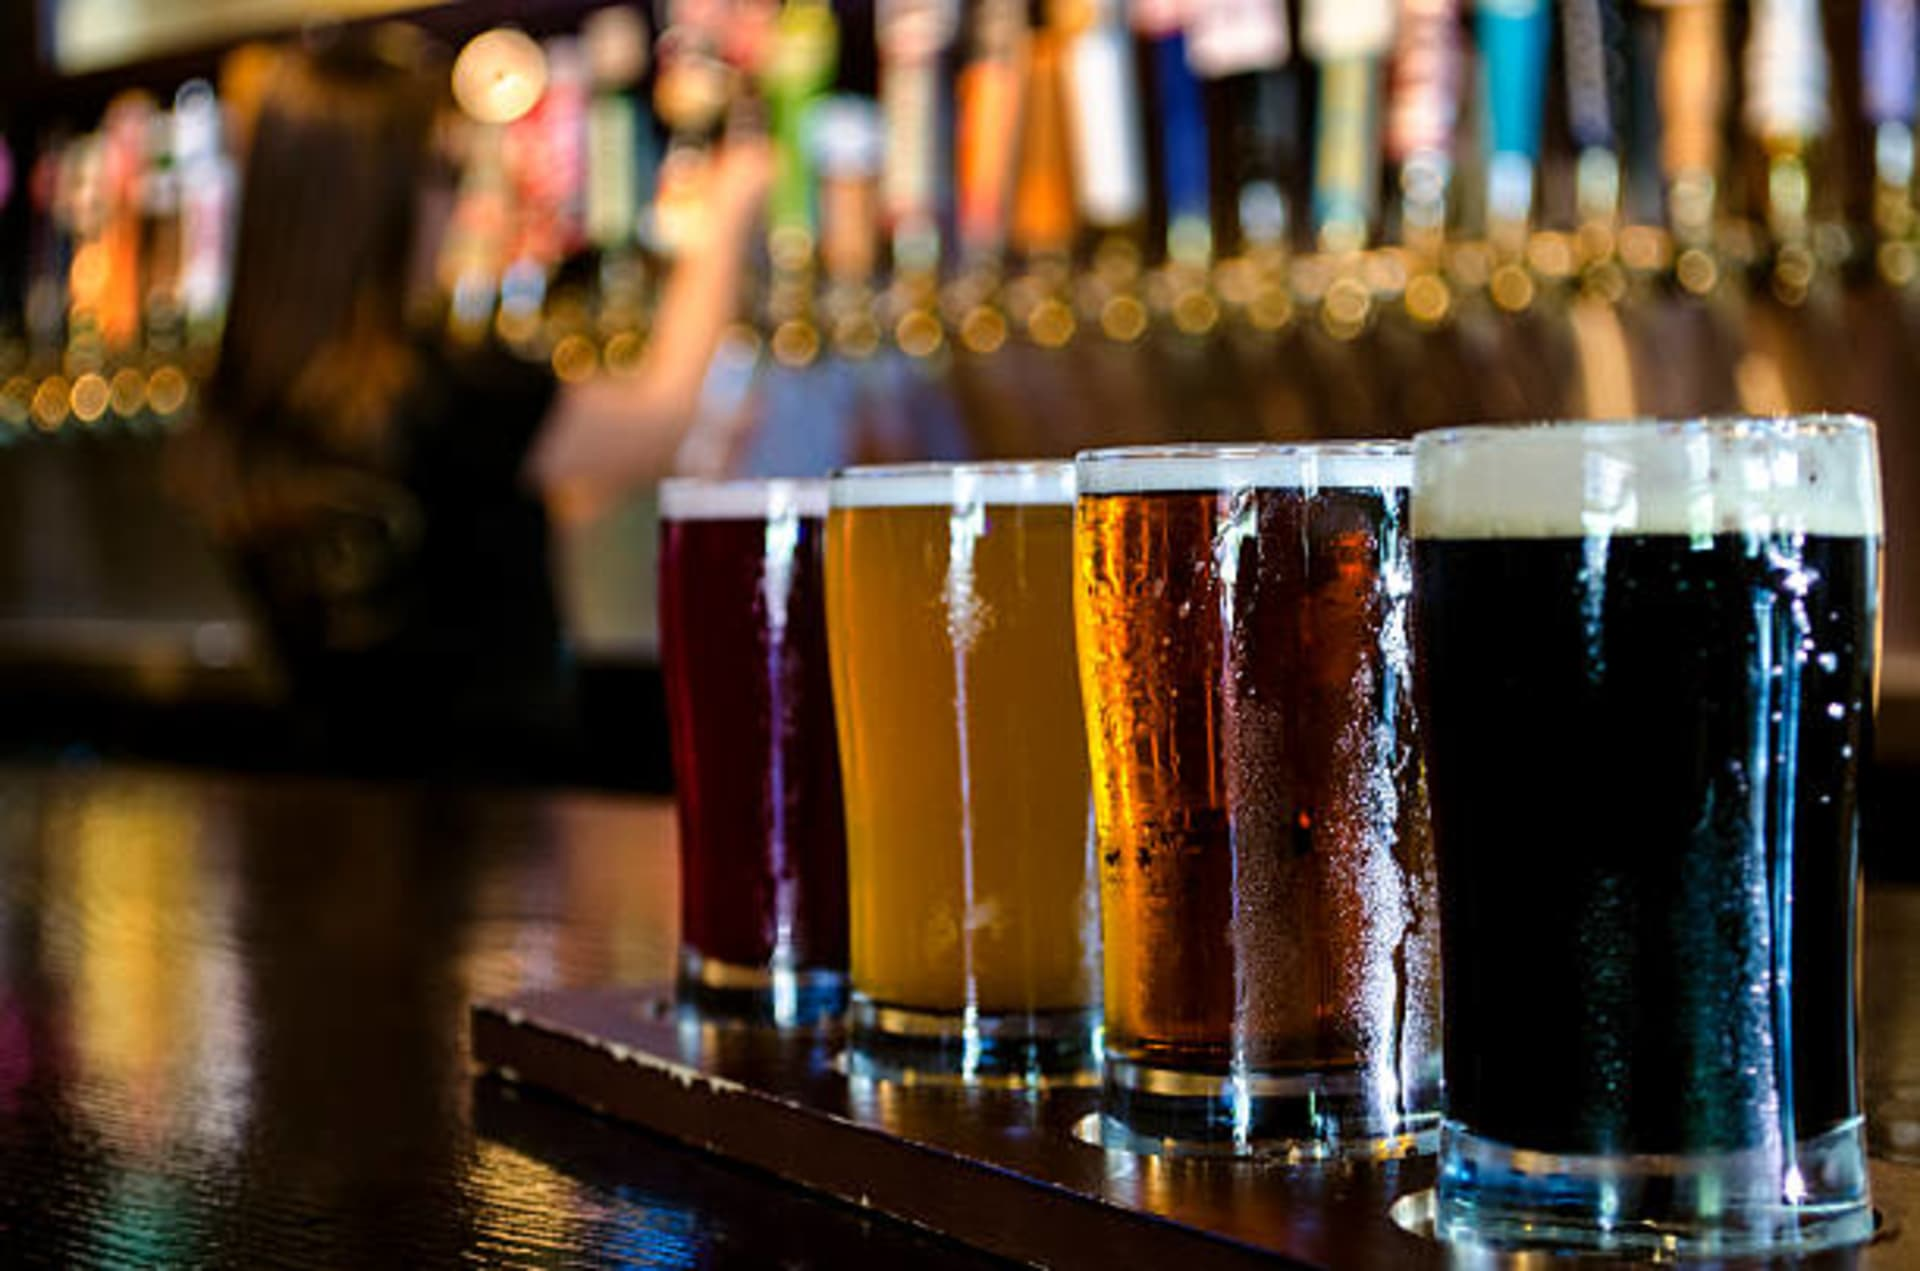 tavern beers